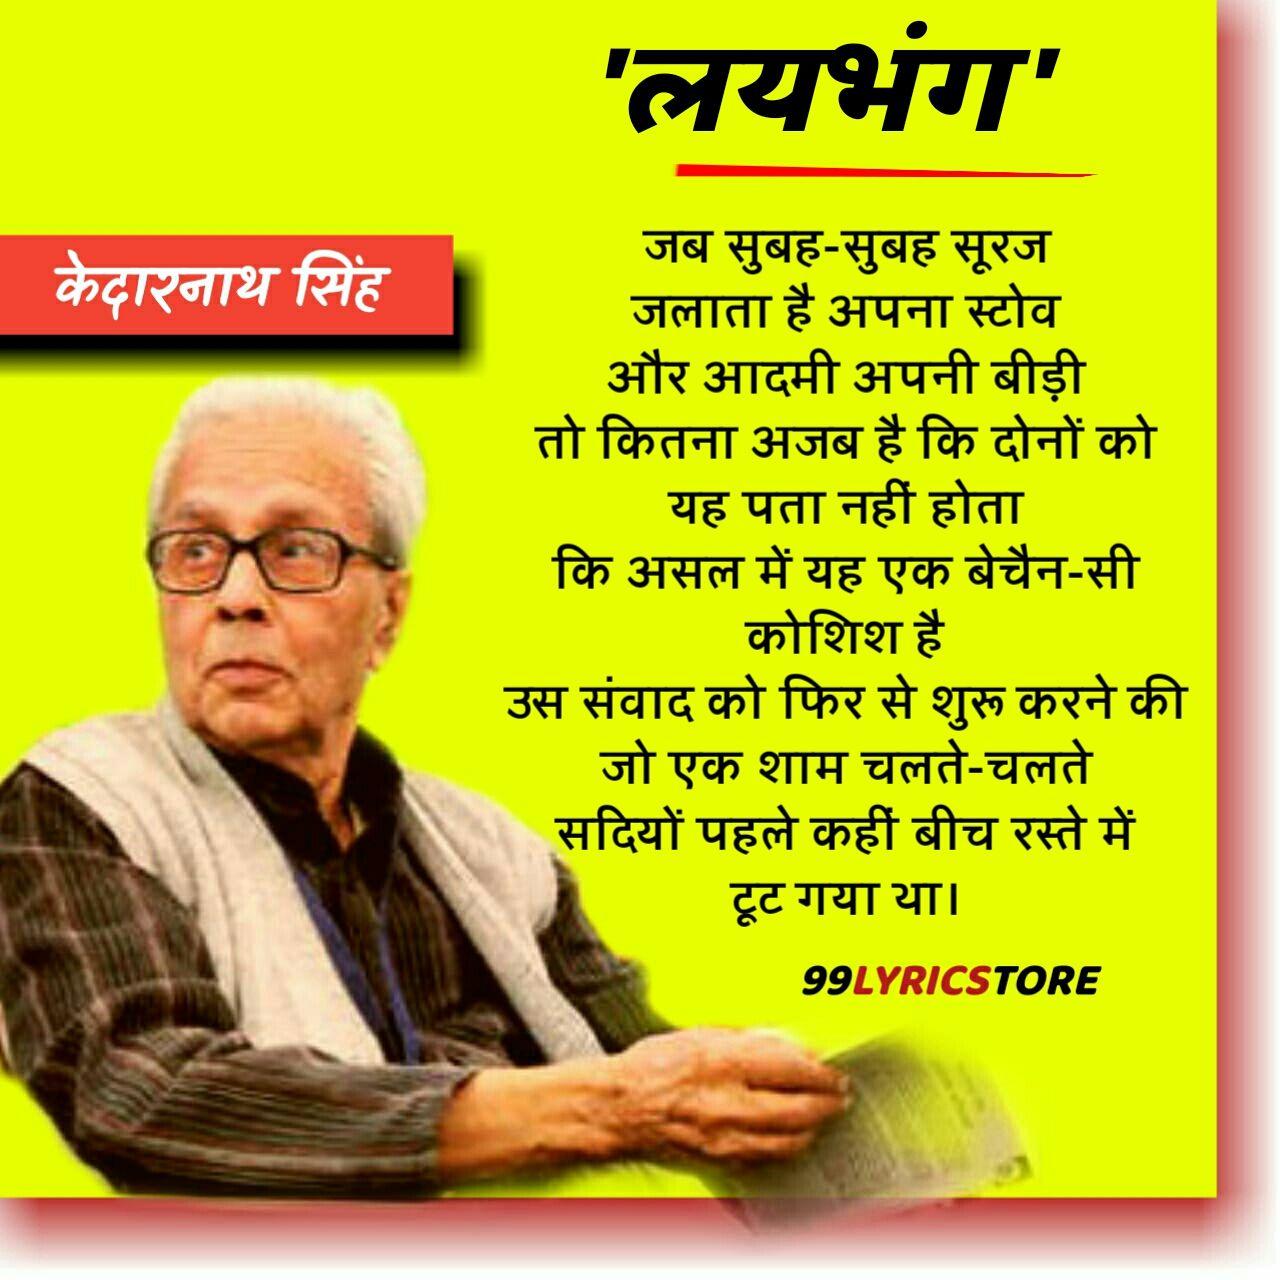 'लयभंग' कविता केदारनाथ सिंह जी द्वारा लिखी गई एक हिन्दी कविता है।